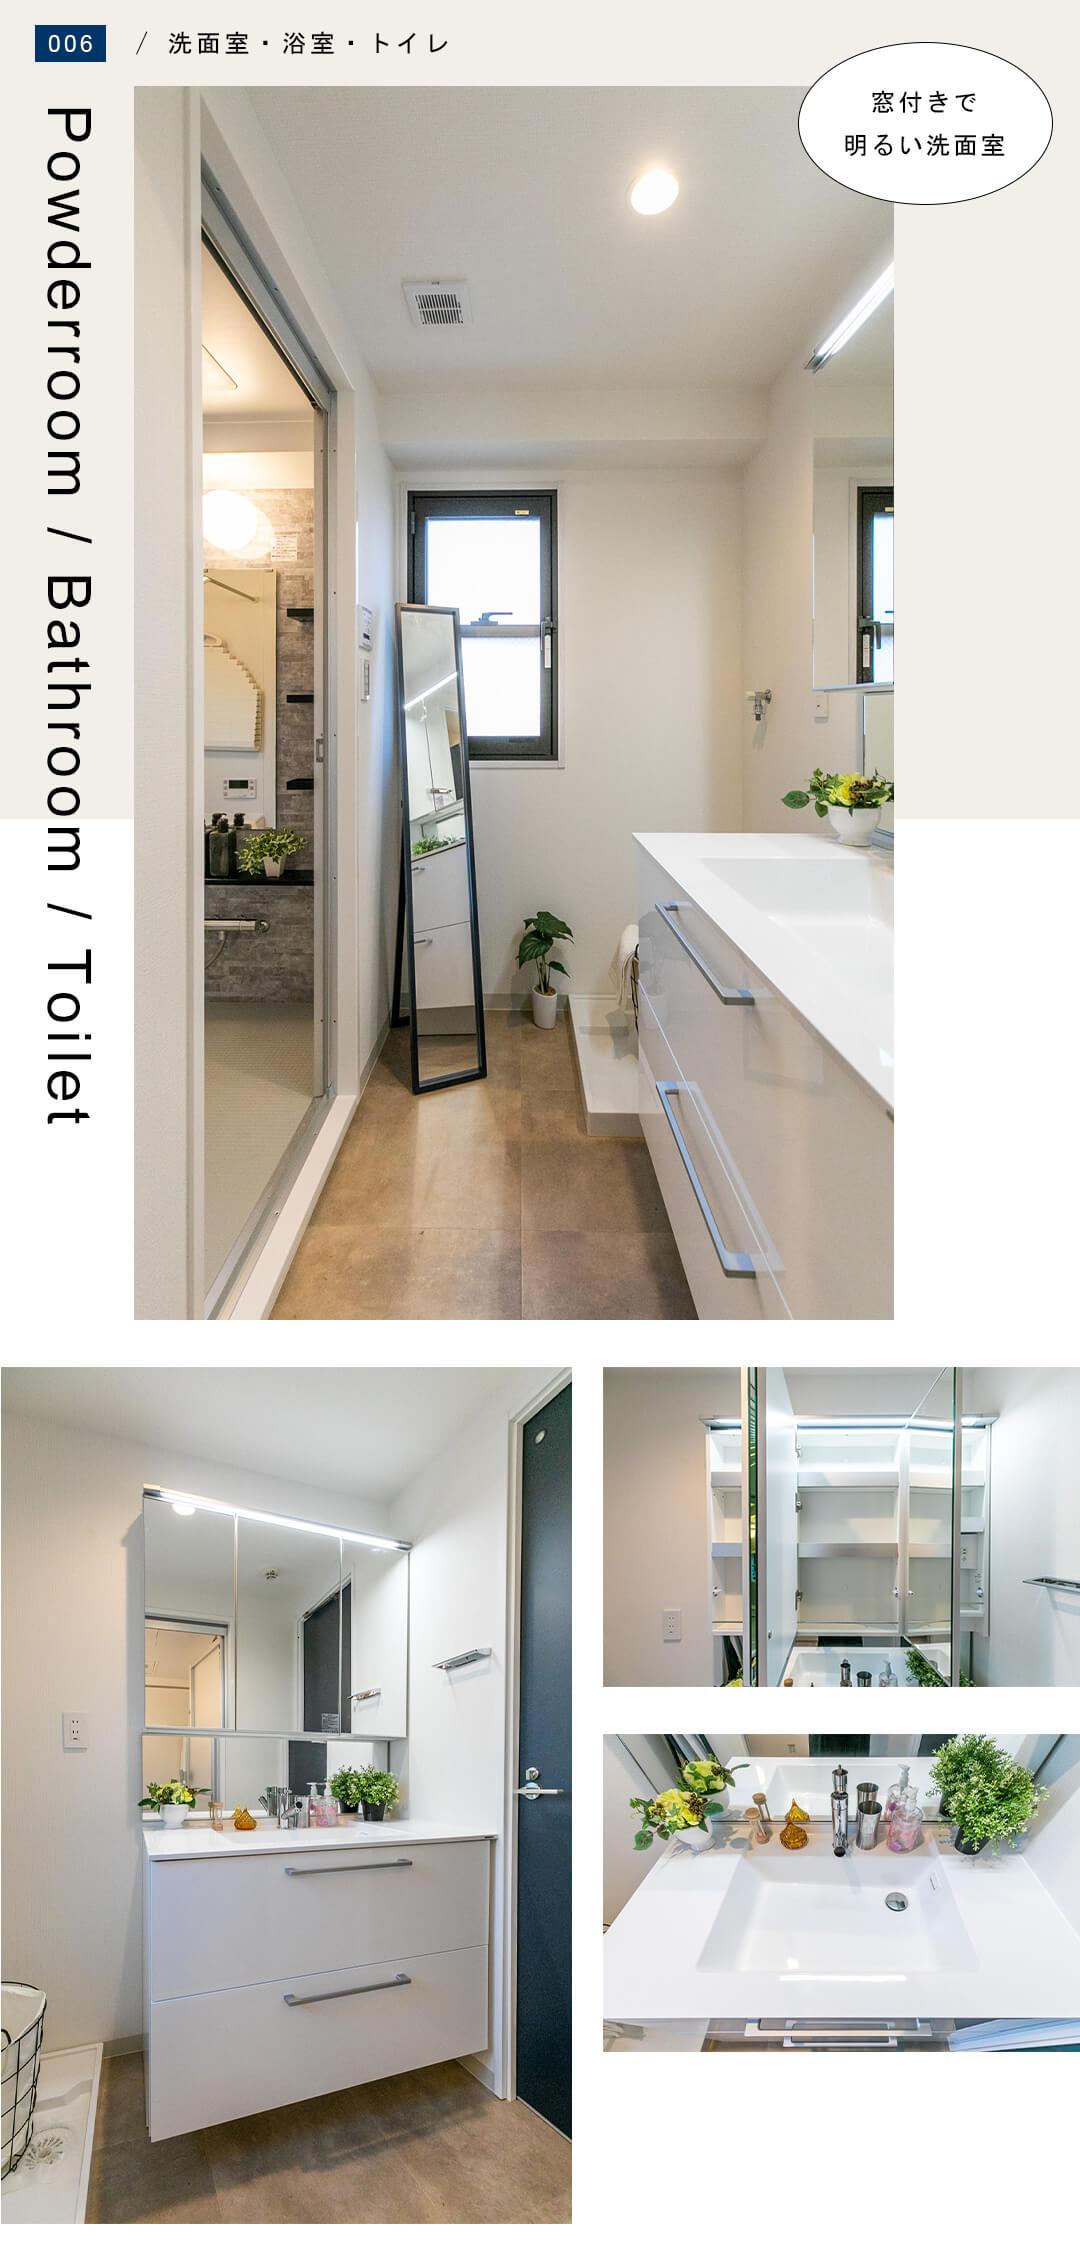 006洗面室,浴室,トイレ,Bathroom,Powderroom,Toilet